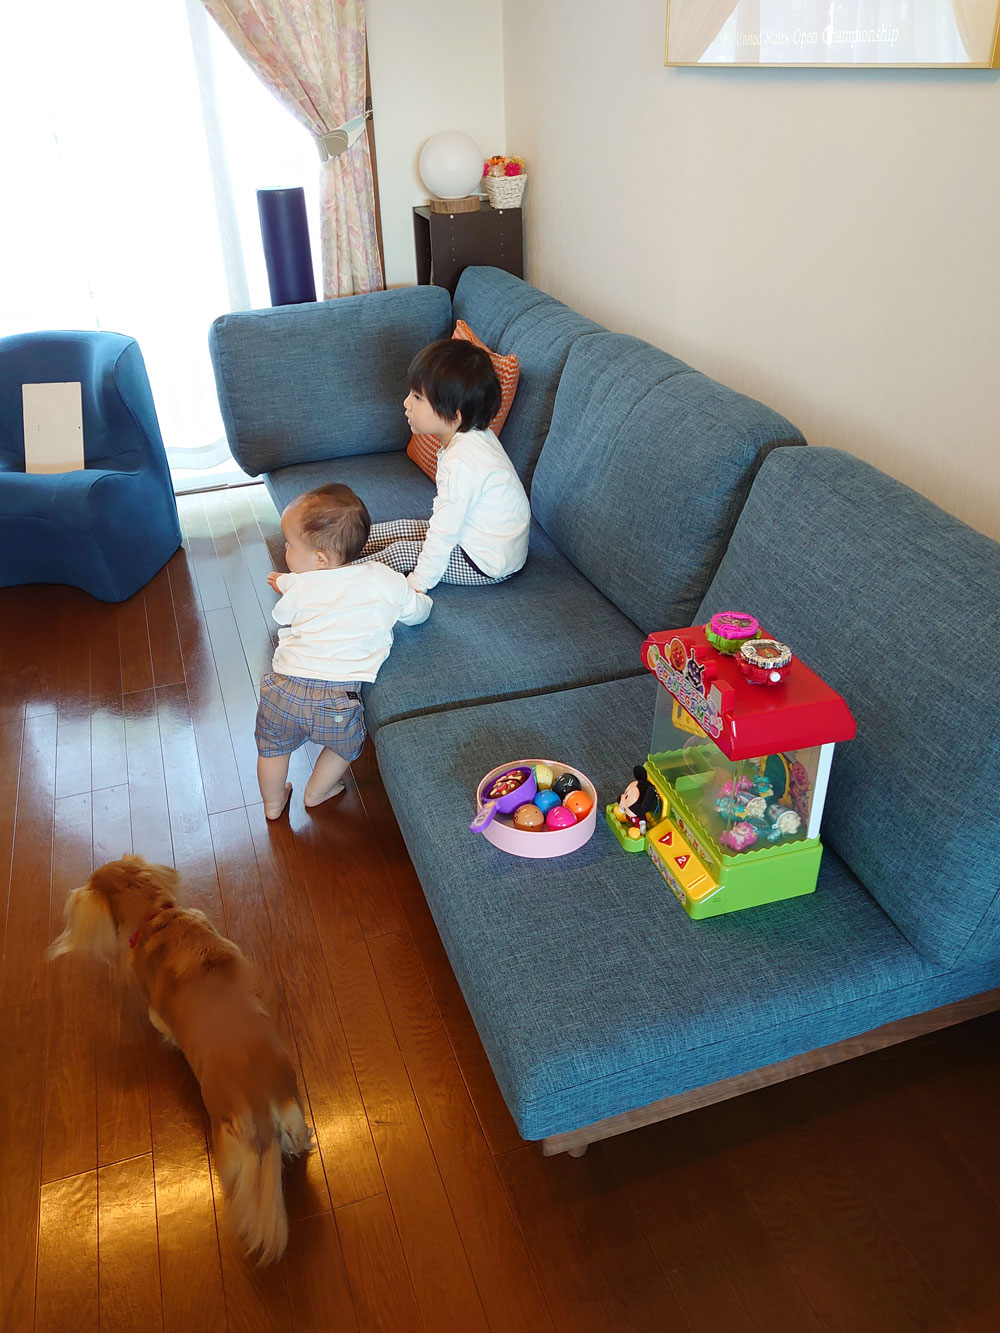 子供と孫と、ローソファの上でたくさんの思い出を。【国産ローソファ・フロアソファ専門店HAREM】